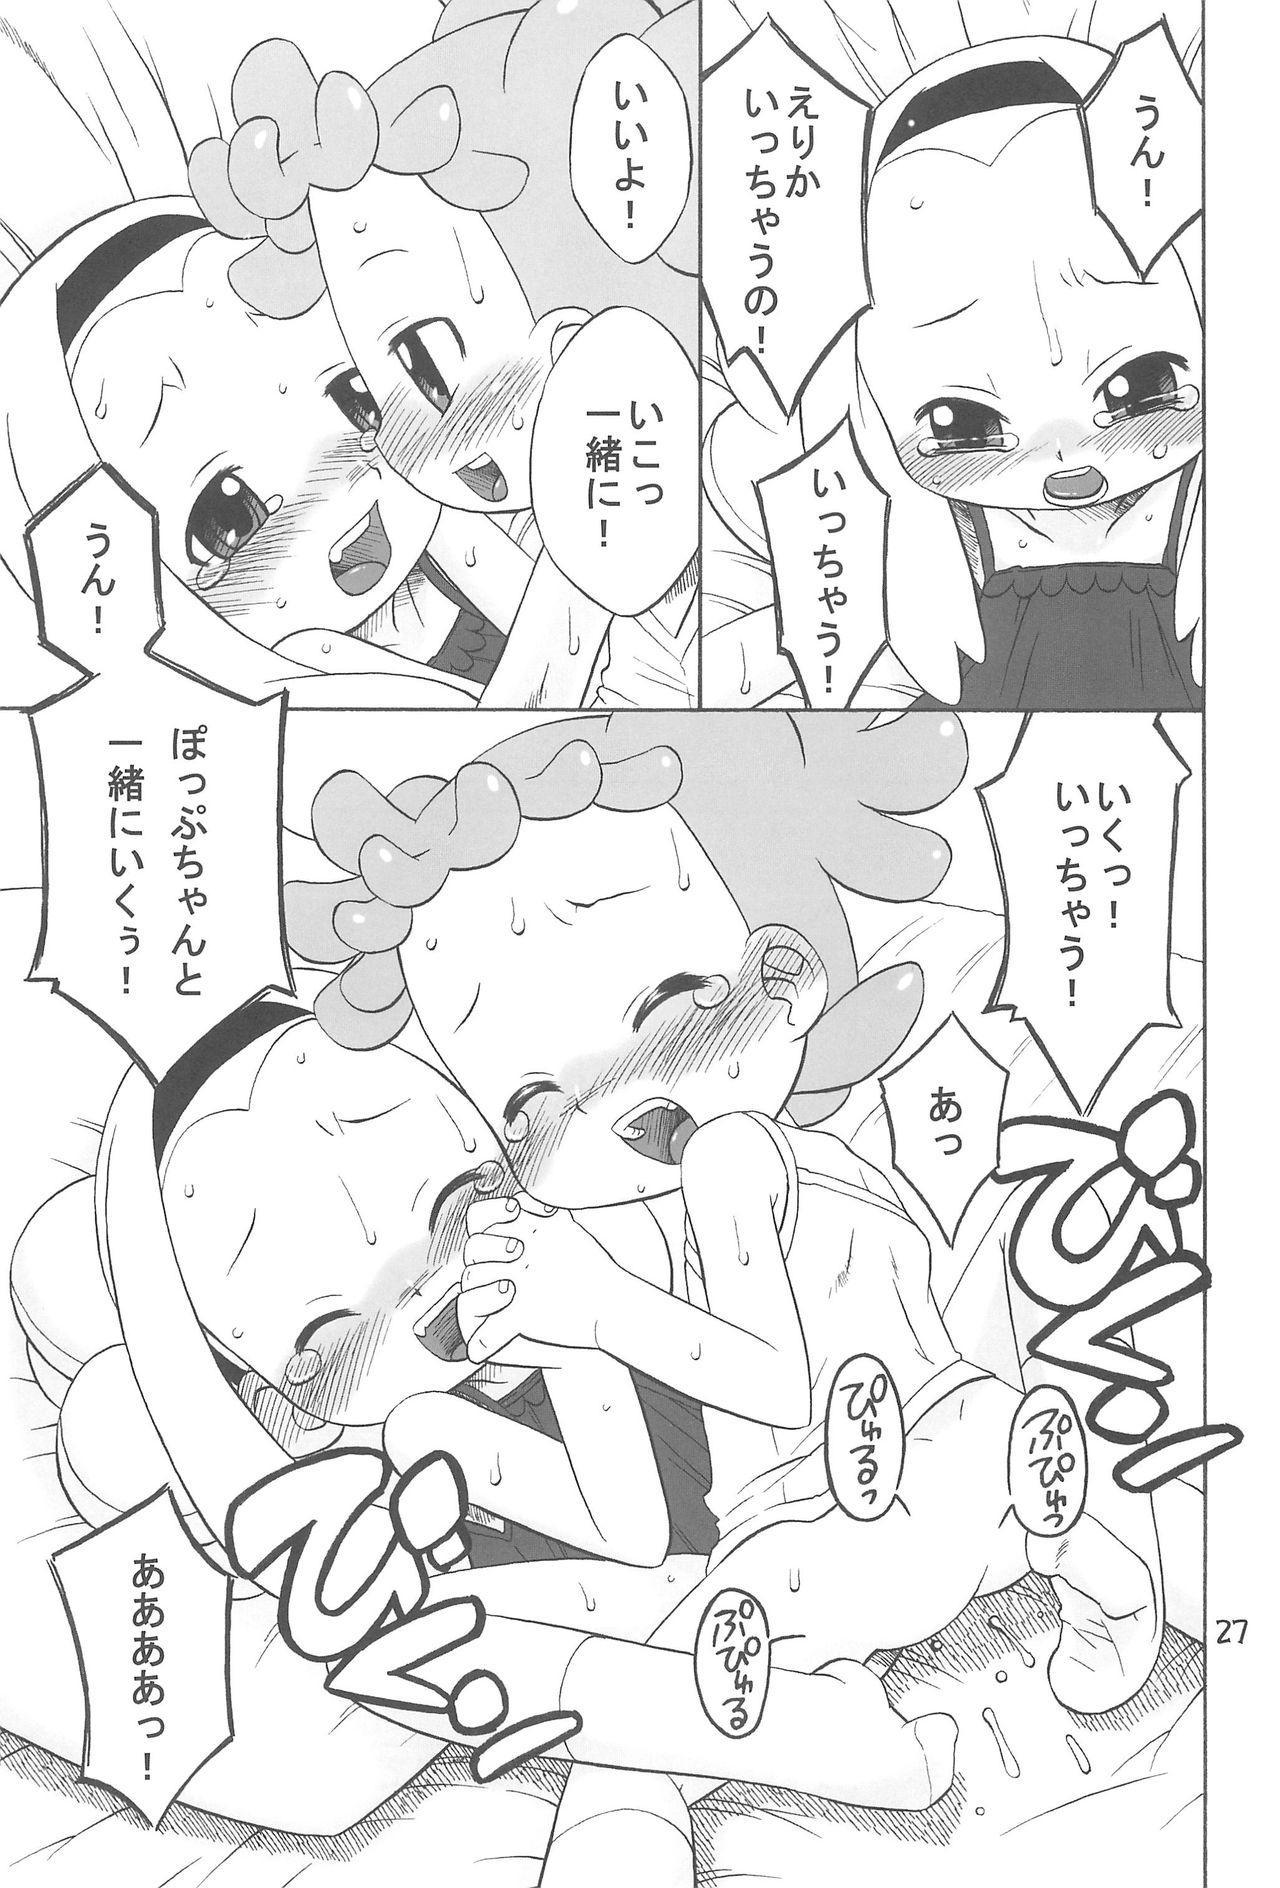 Tayorinai Bokura no Hateshinai Ashita. 26